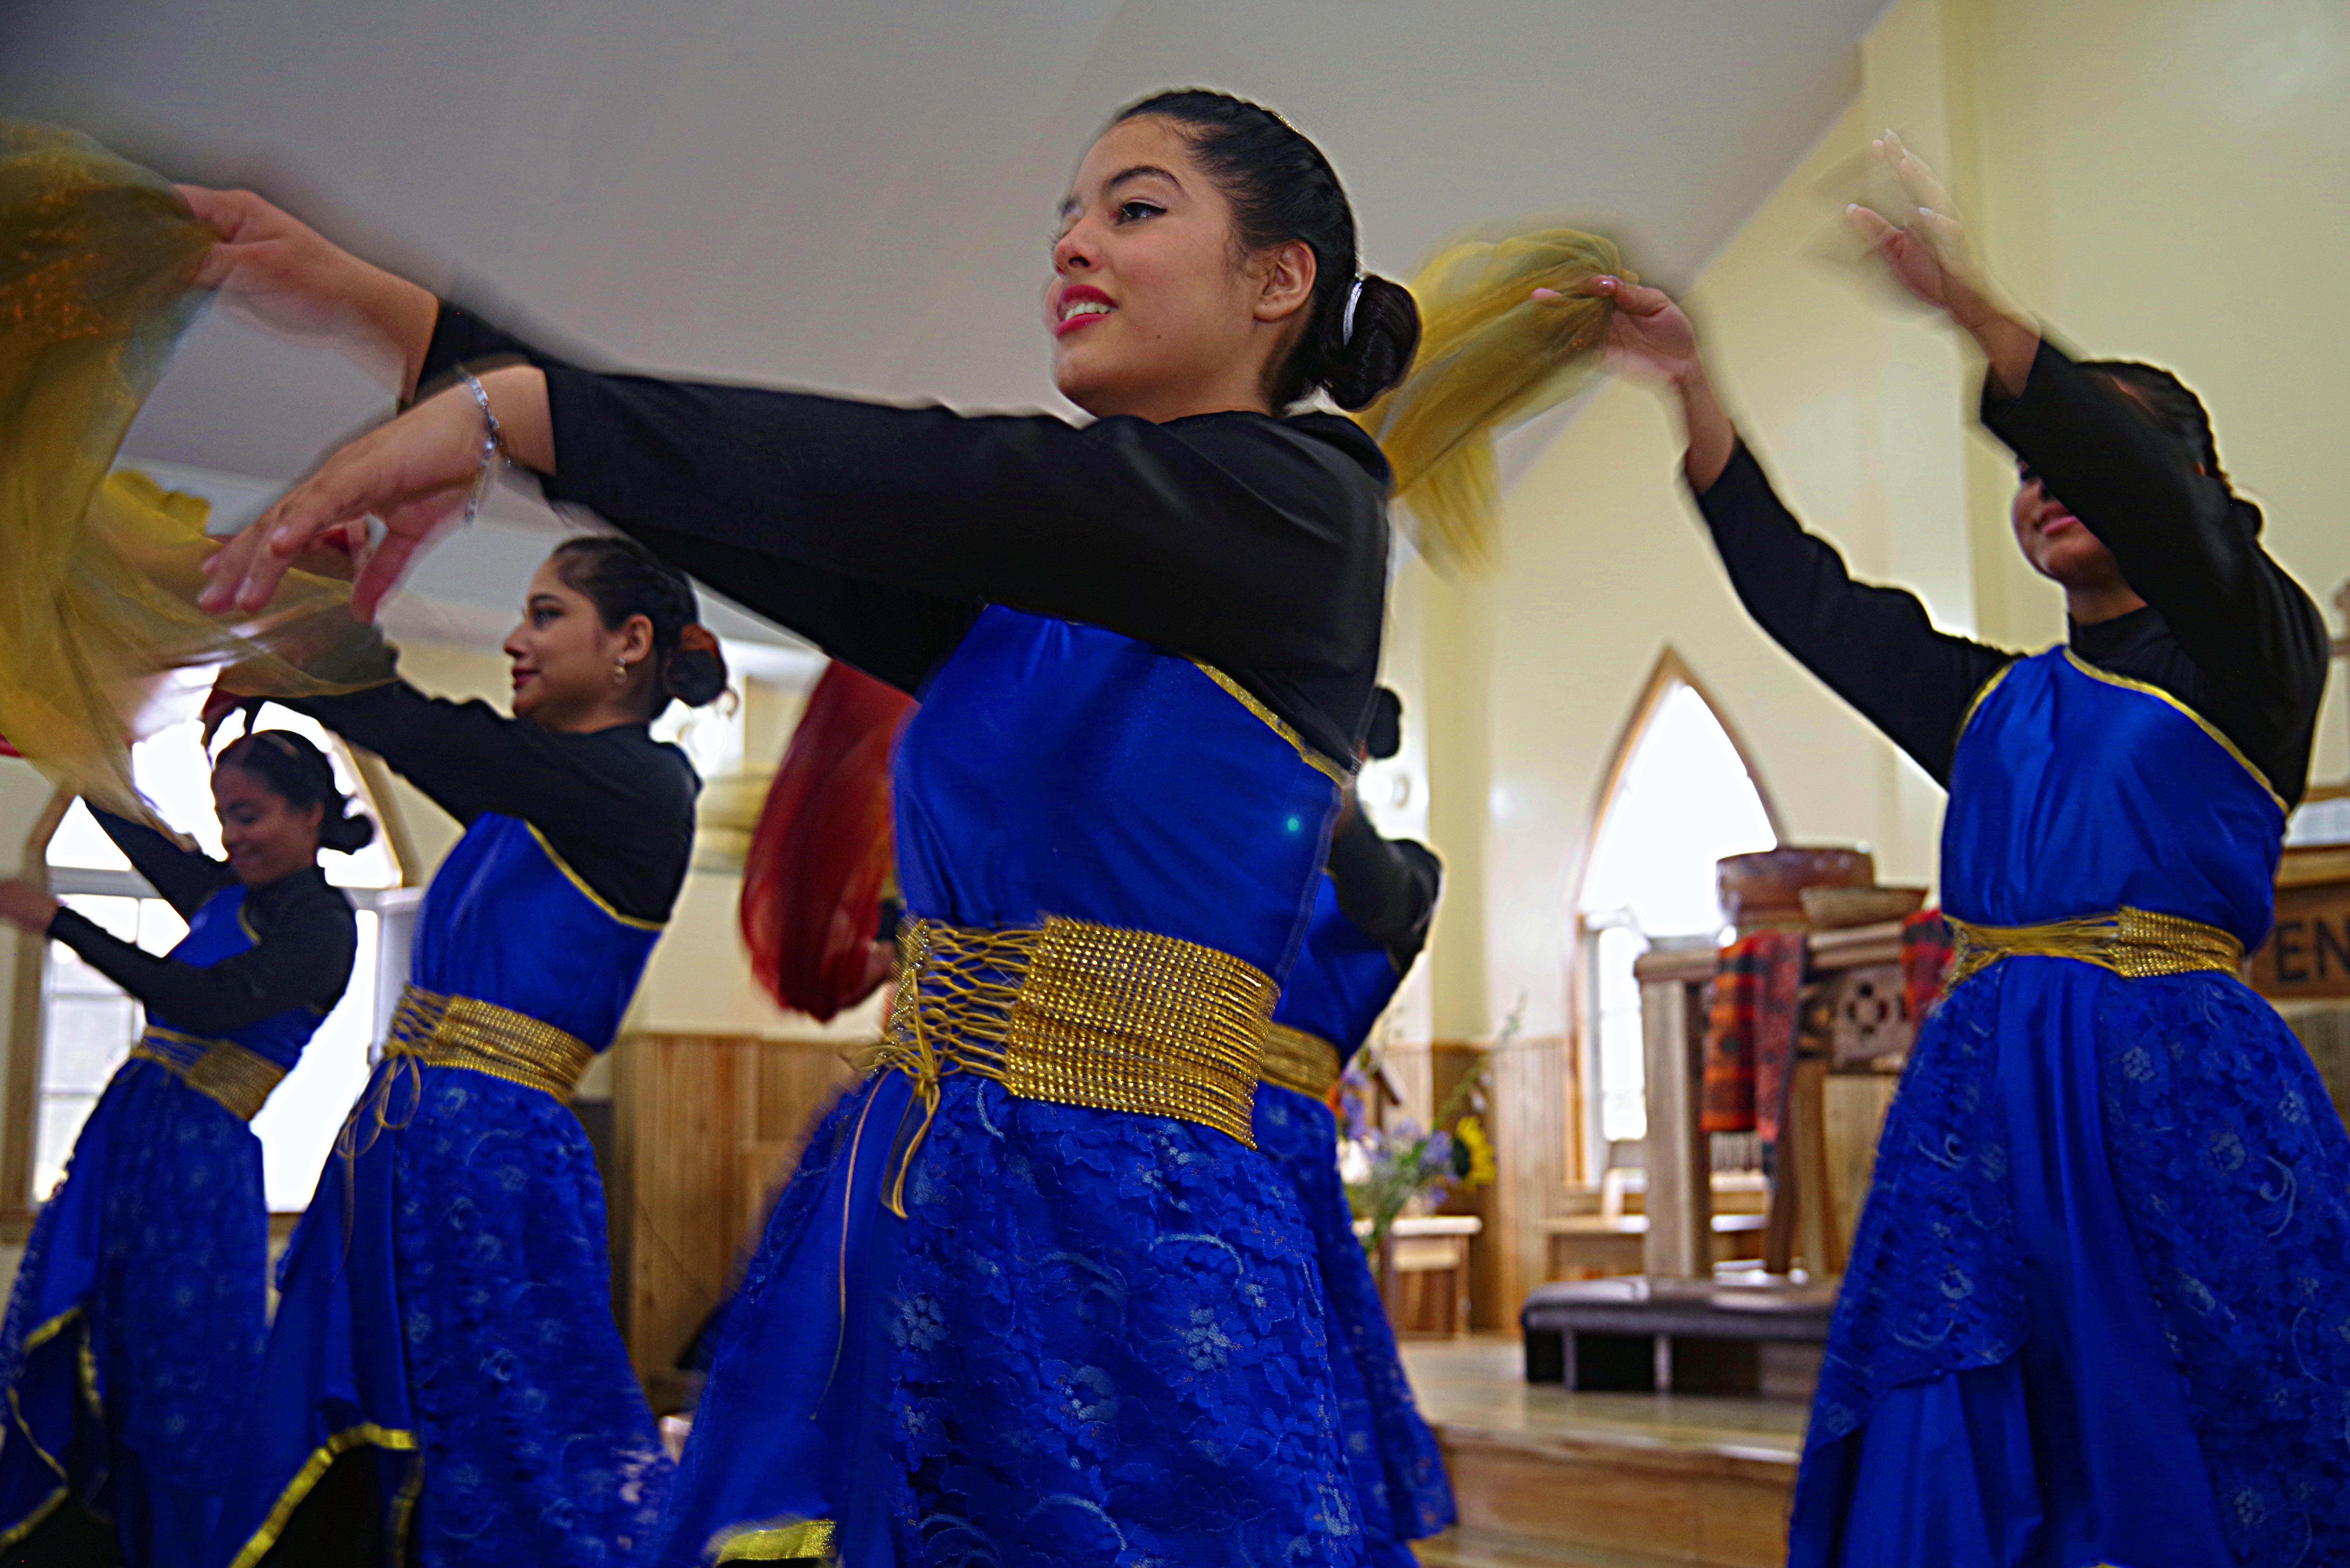 El grupo de alabanza de la Iglesia Metodista Unida de Talanga participó en el culto de clausura con danzas litúrgicas. Foto Rev. Gustavo Vasquez, Noticias MU.